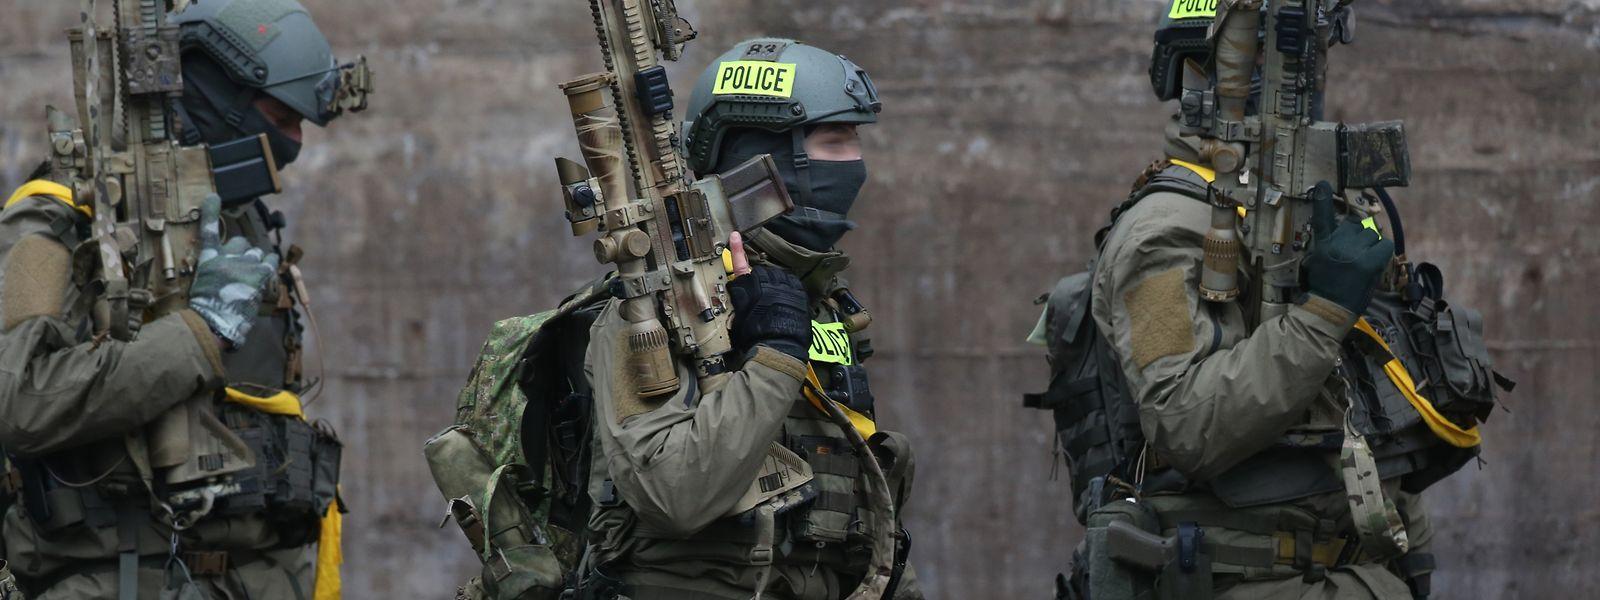 Die Spezialeinheit der Polizei war bei den Einsätzen beteiligt.